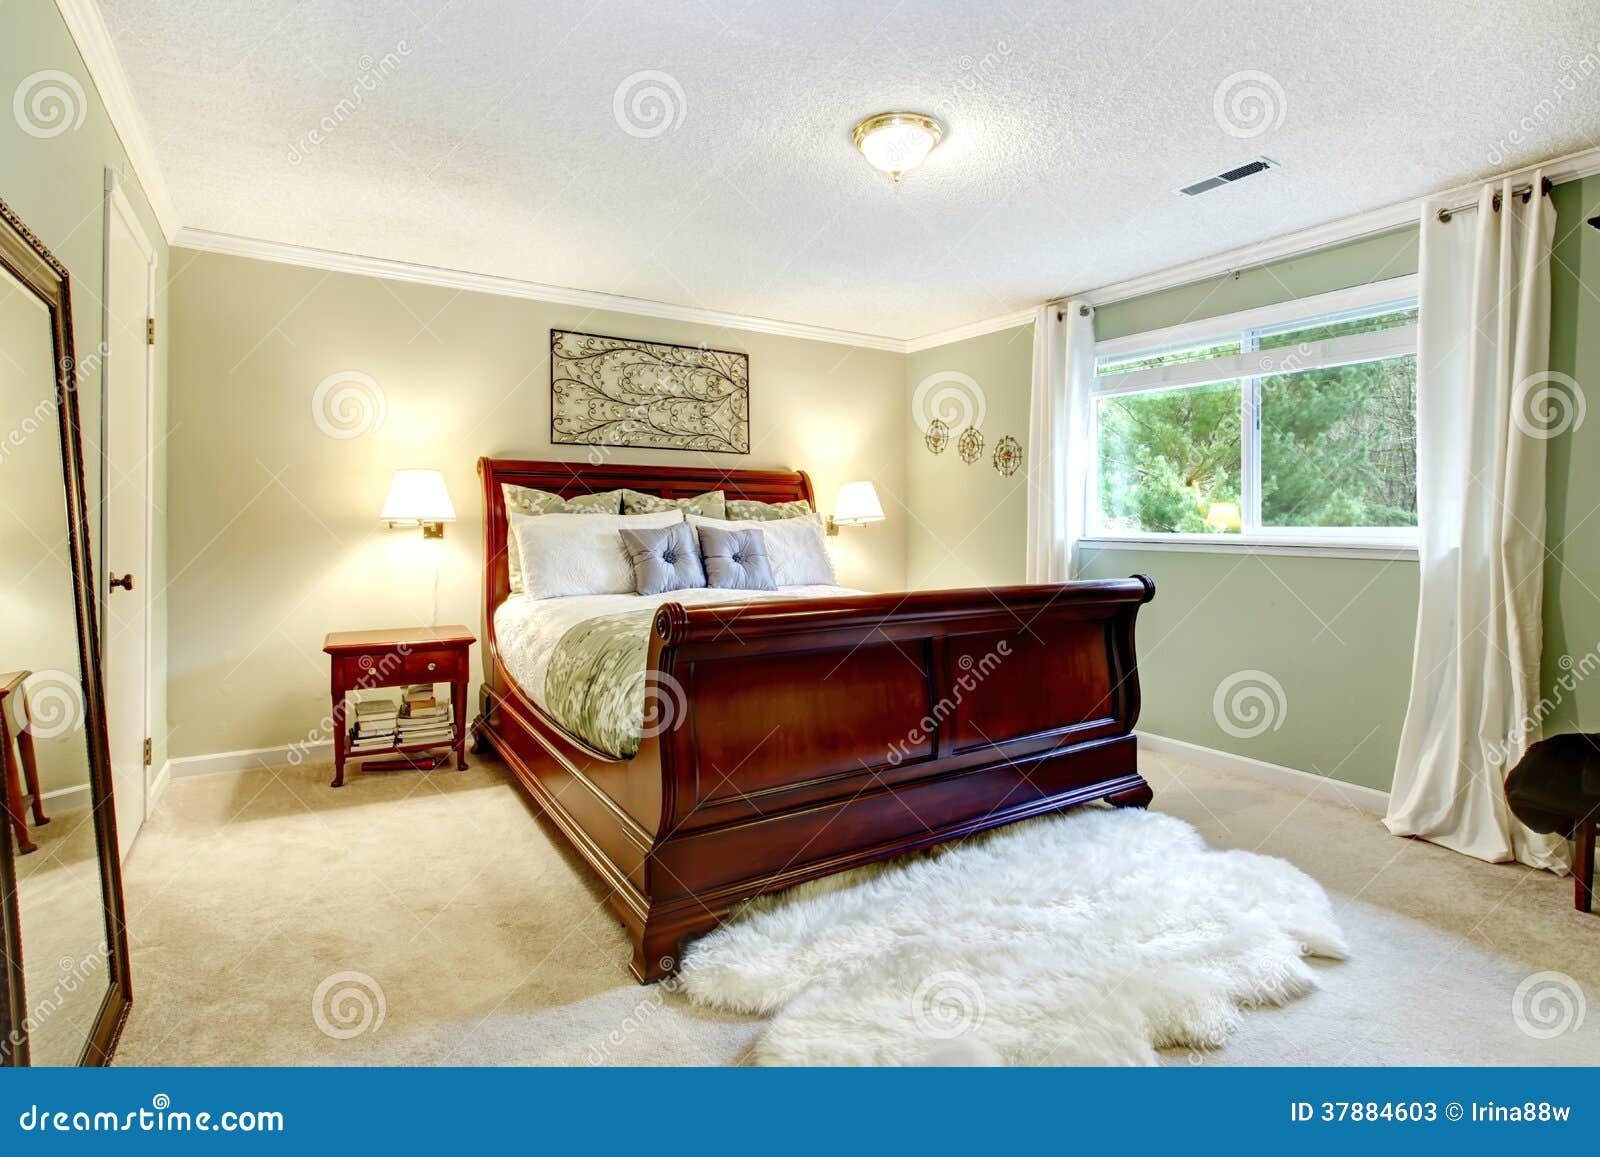 Camera Da Letto Bianca Colore Parete : Camera da letto luminosa con la ...